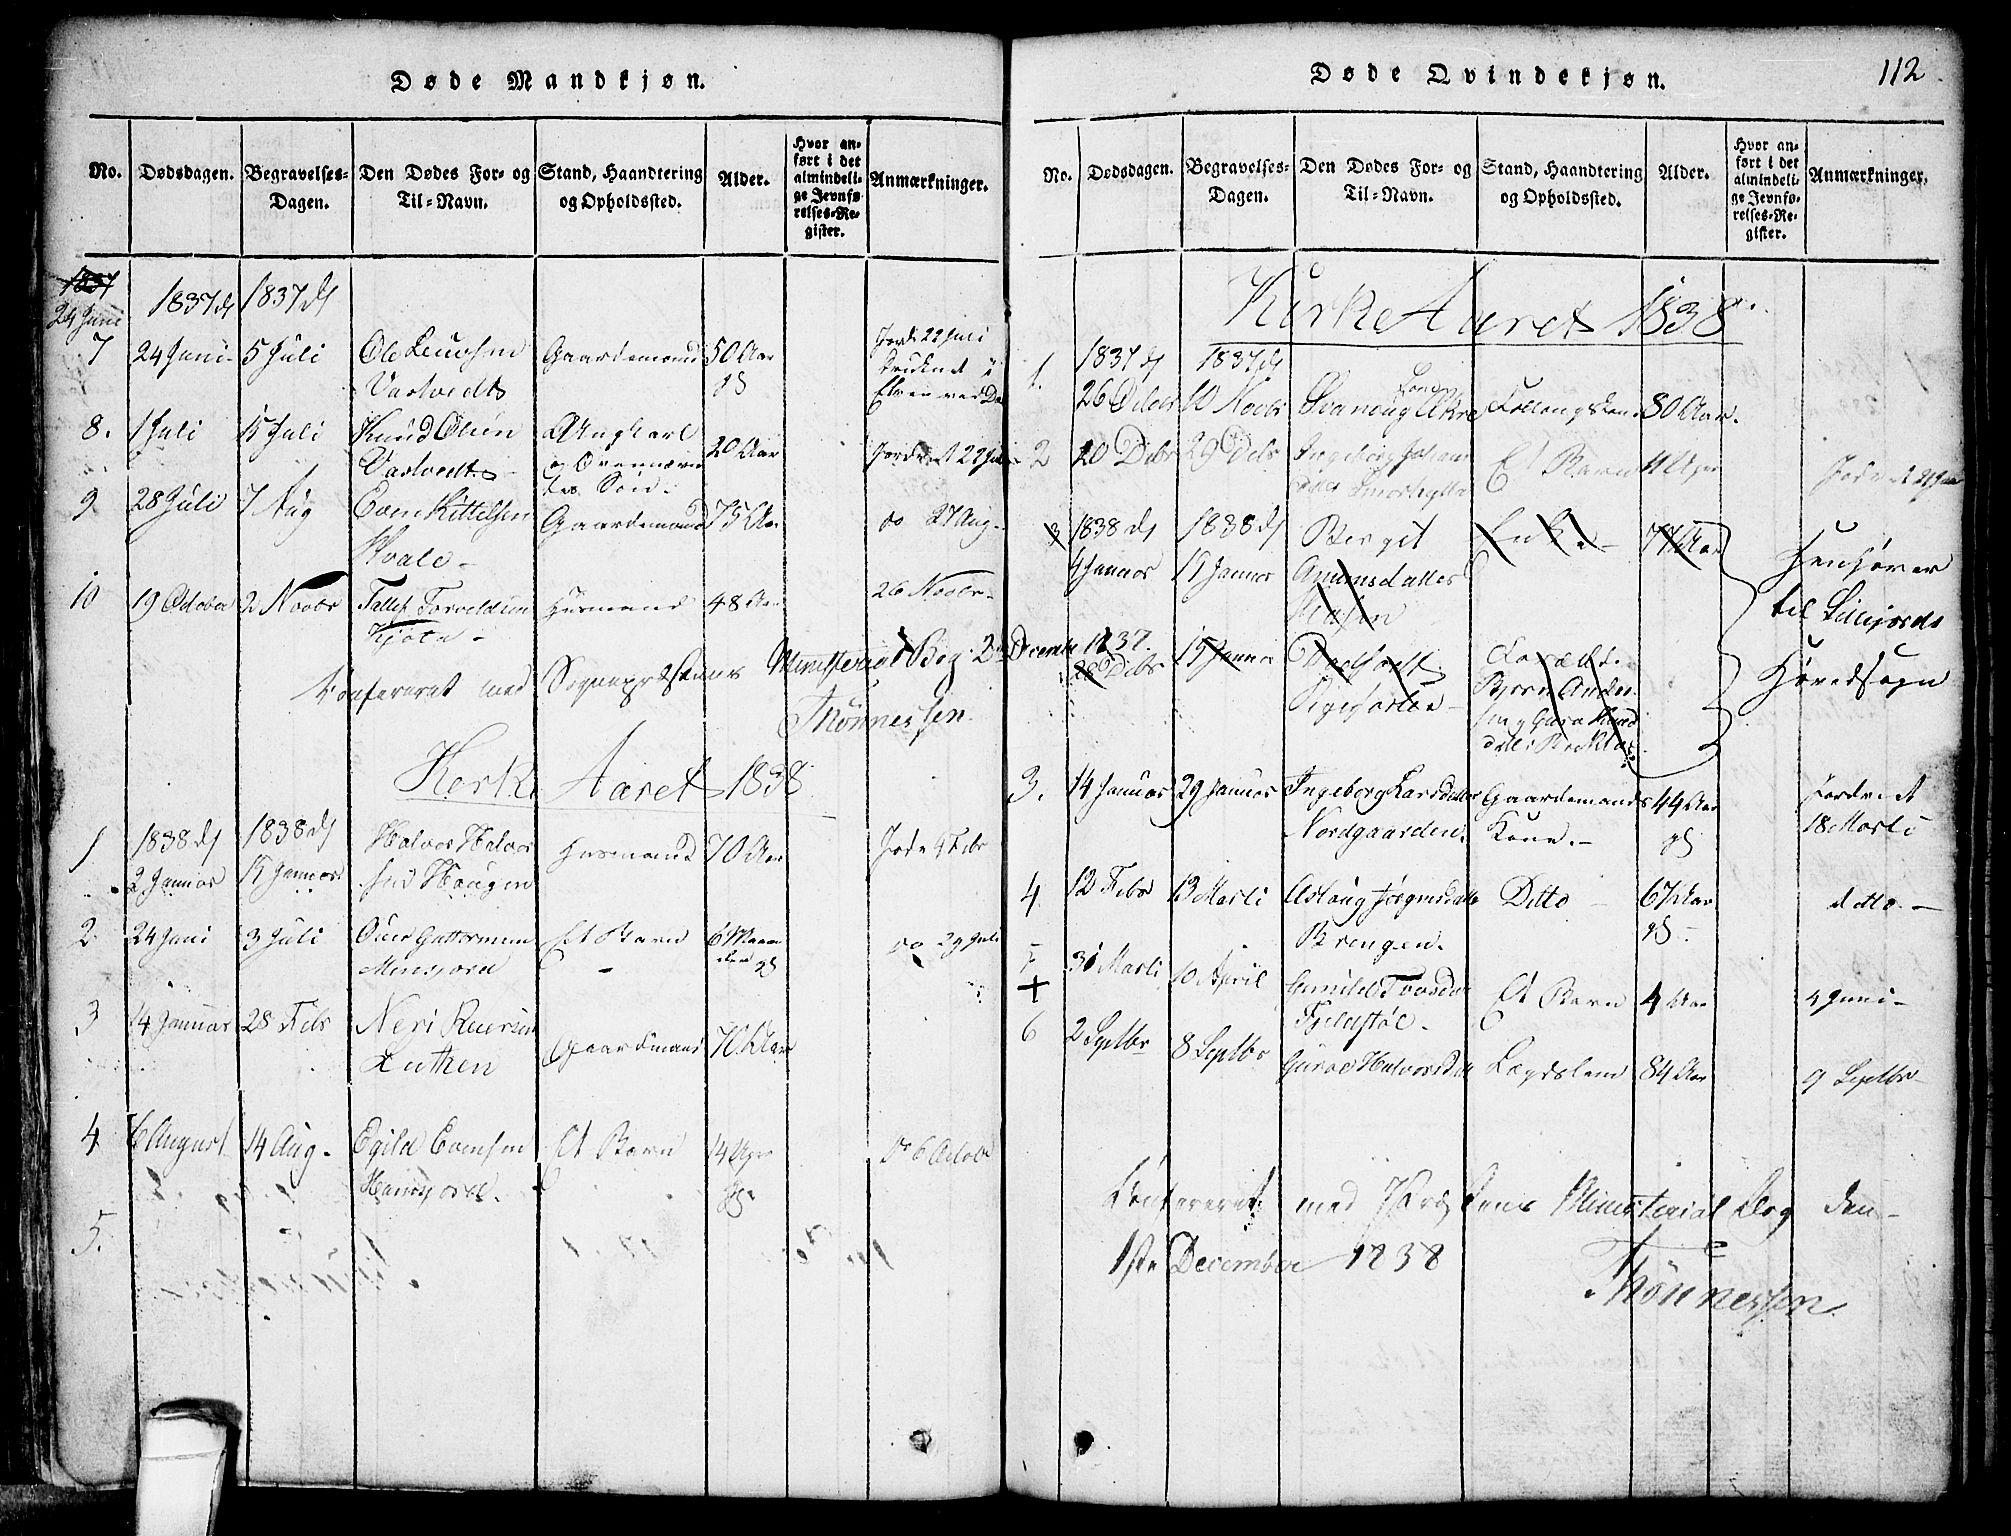 SAKO, Seljord kirkebøker, G/Gb/L0002: Klokkerbok nr. II 2, 1815-1854, s. 112